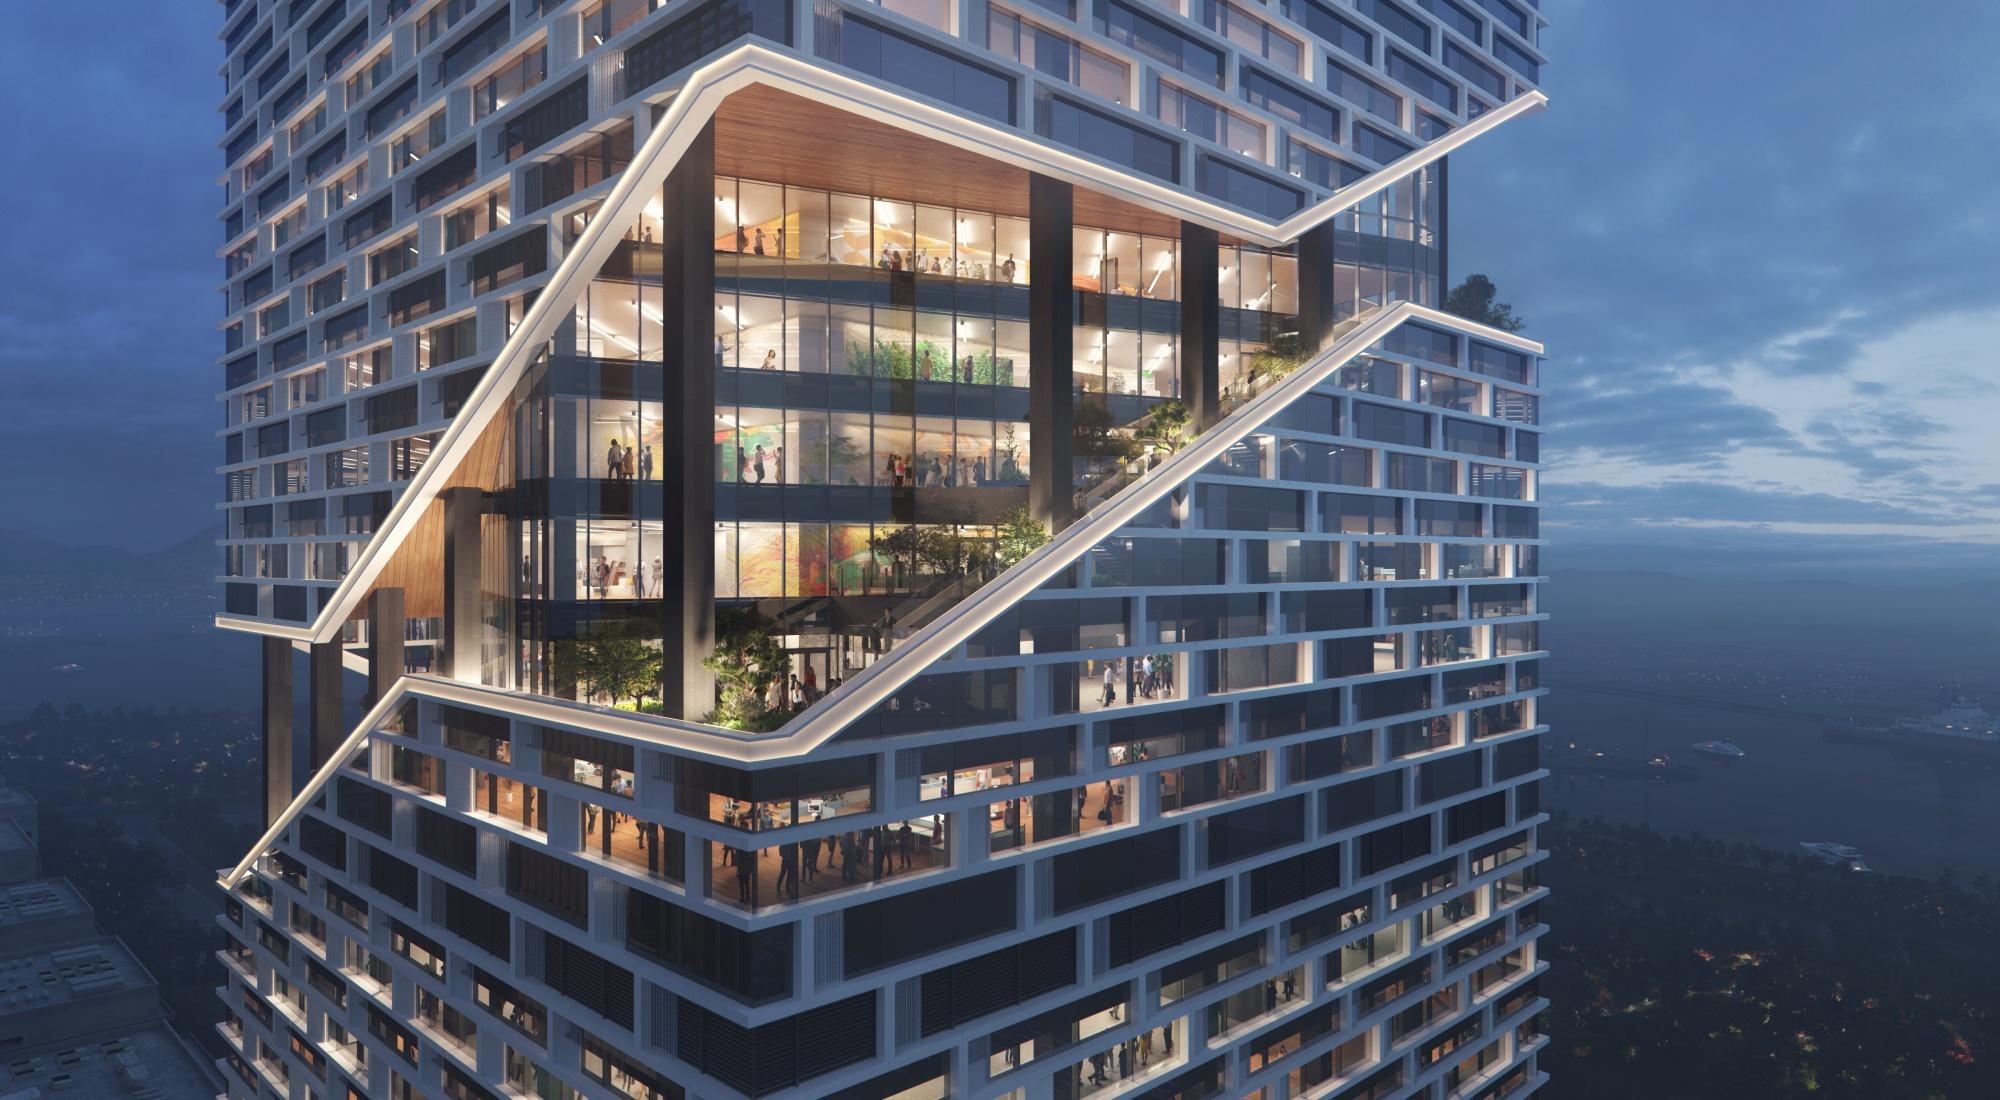 Vivo Bangun Kantor Baru Megah Di Pusat Shenzhen